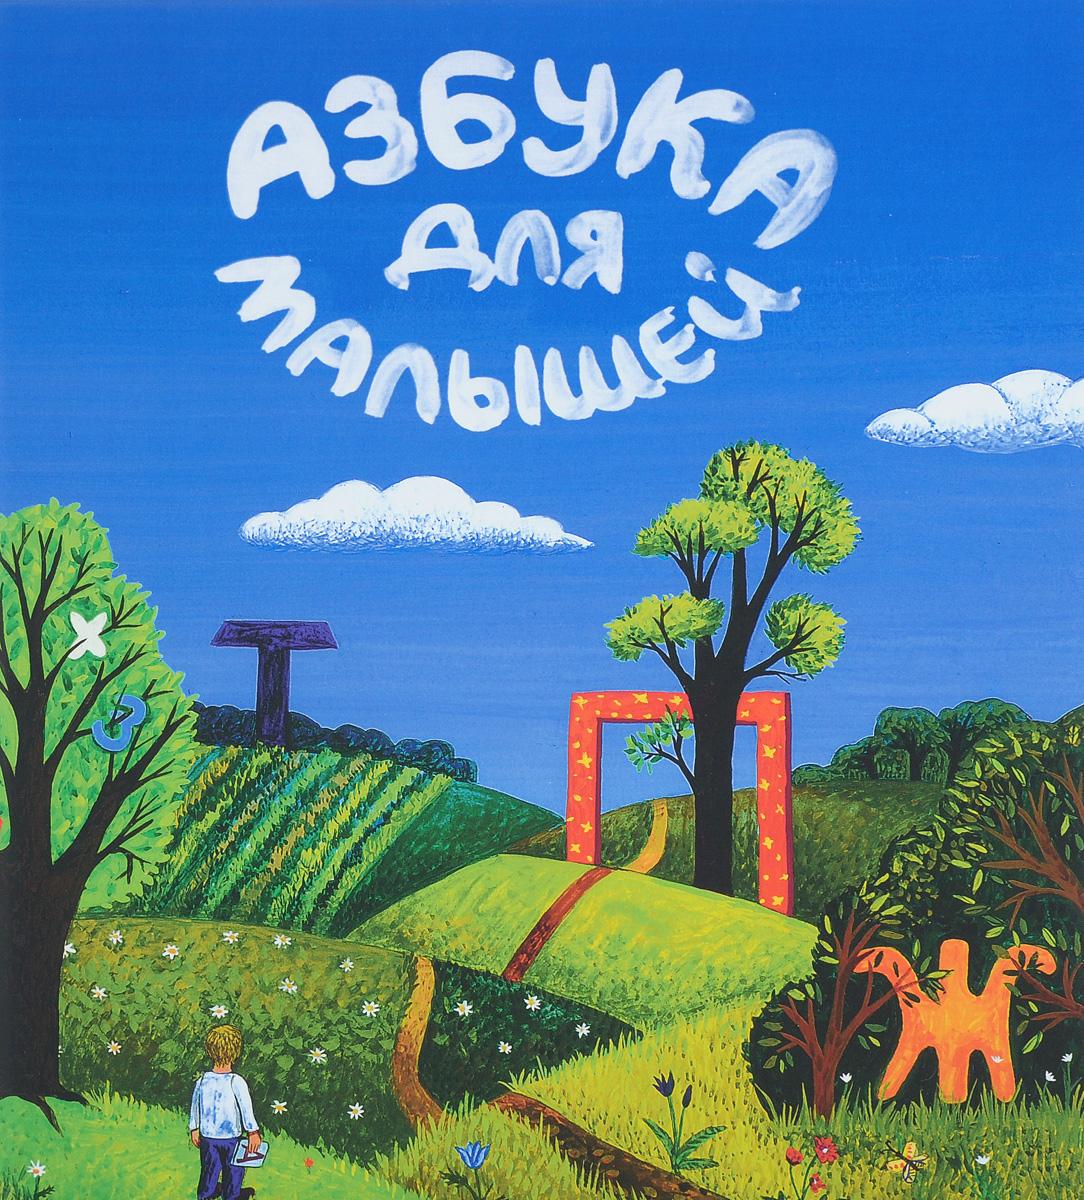 Азбука для малышей12296407В книге собраны веселые детские стихи, расположенные по алфавиту, красочно и с выдумкой проиллюстрированные. Азбука позволяет детям дошкольного возраста в легкой, игровой форме познакомиться с буквами русского алфавита, быстро их запомнить и заучить стихи. Тематически подходит читателям от 0 до 99 лет. Предназначена для семейного чтения.